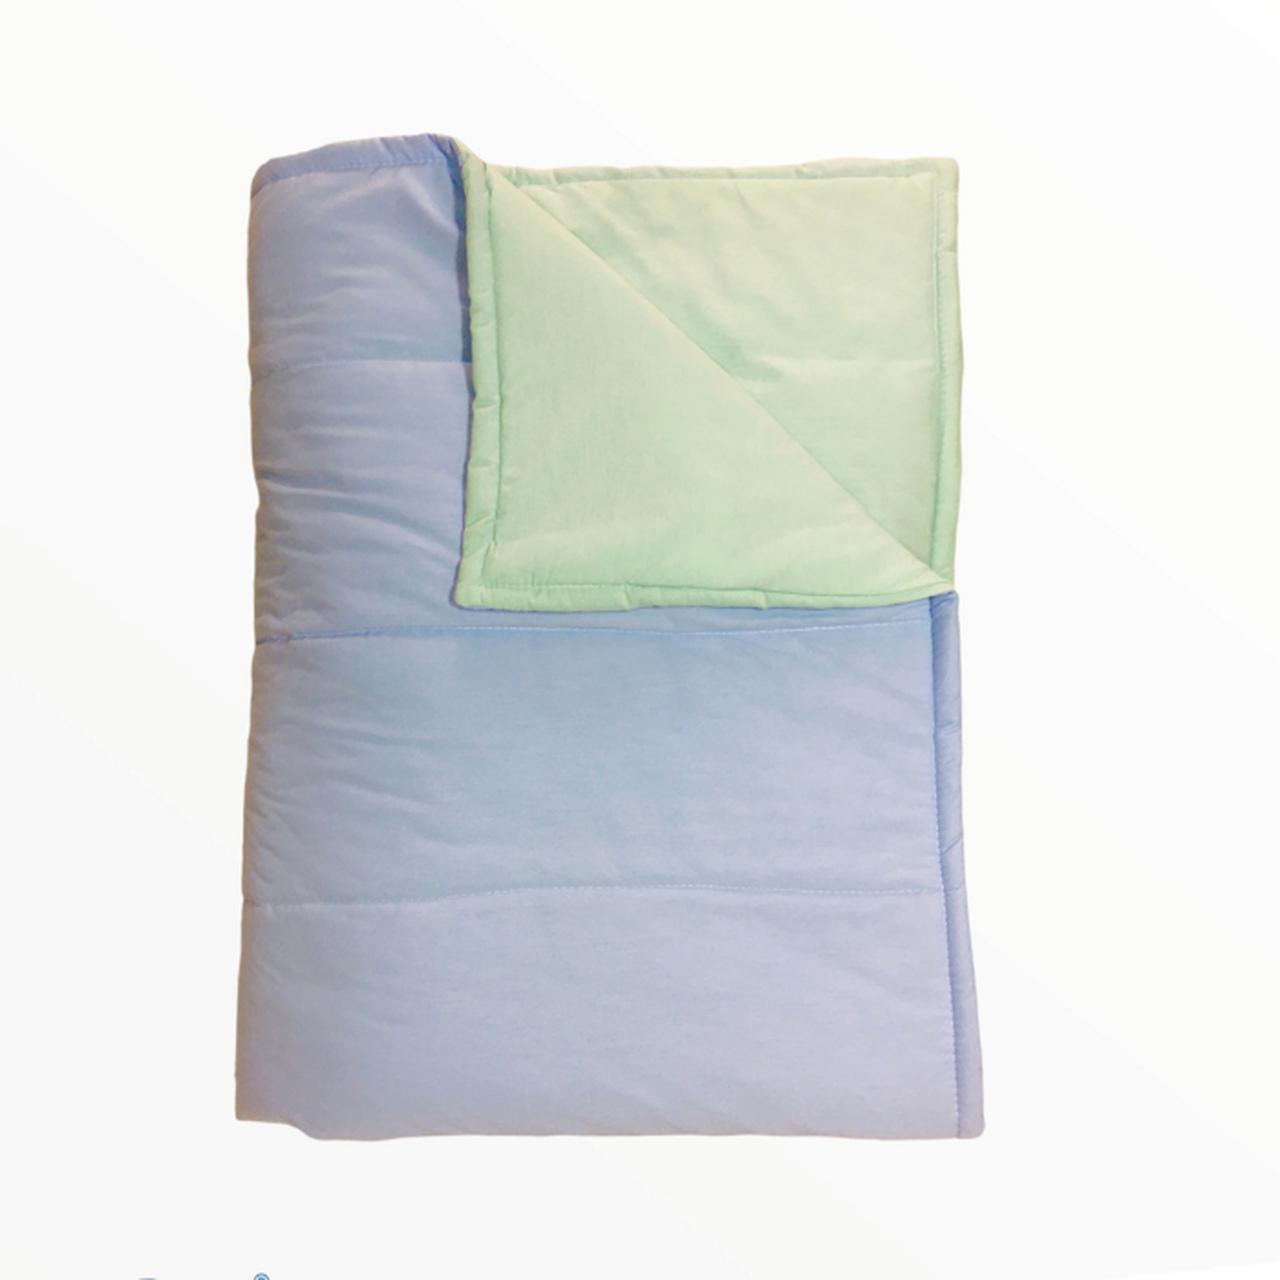 Edredom solteiro dupla face 100% algodão azul com verde